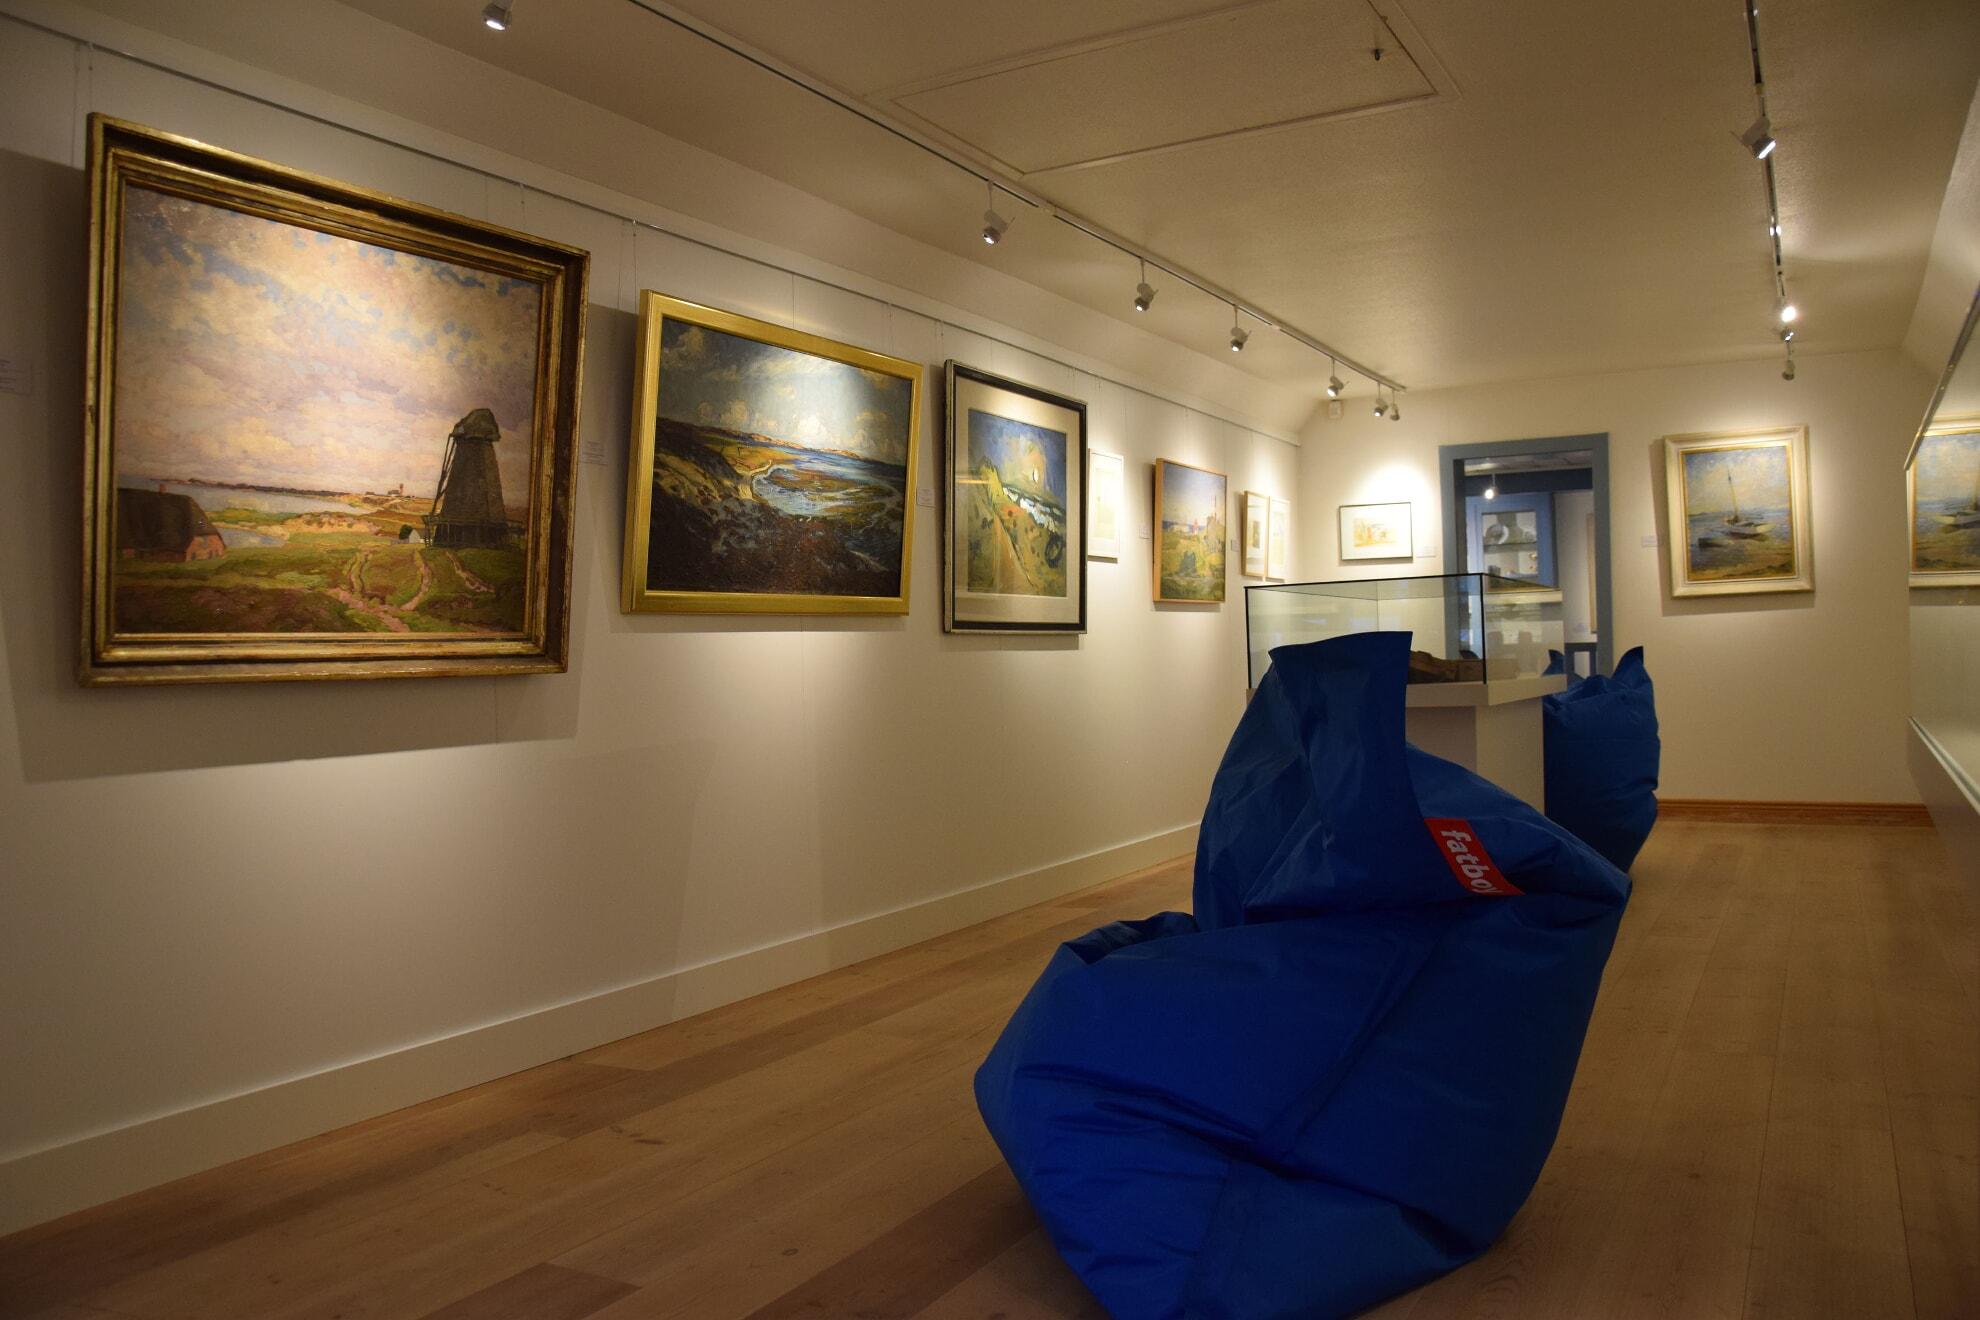 Ausstellung Sylt in der Kunst im Sylt Museum